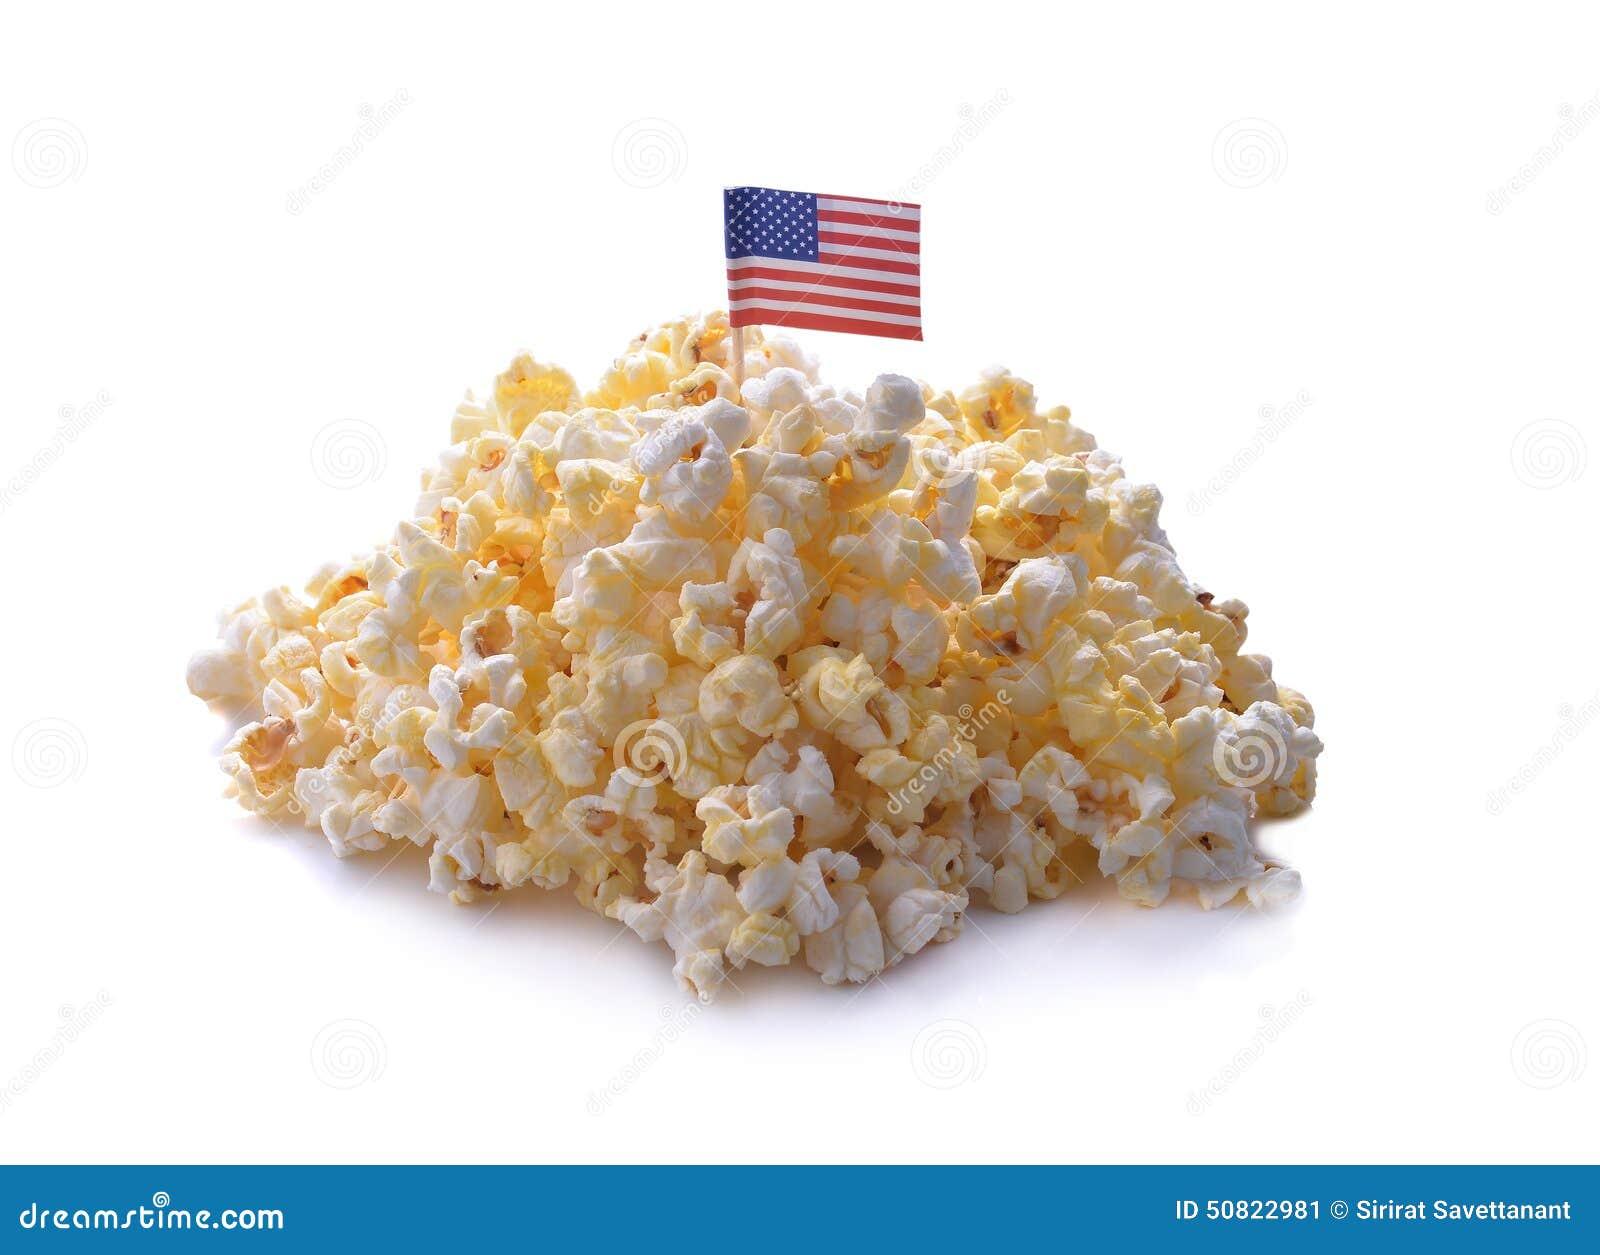 Popcorn die op een witte achtergrond wordt geïsoleerd